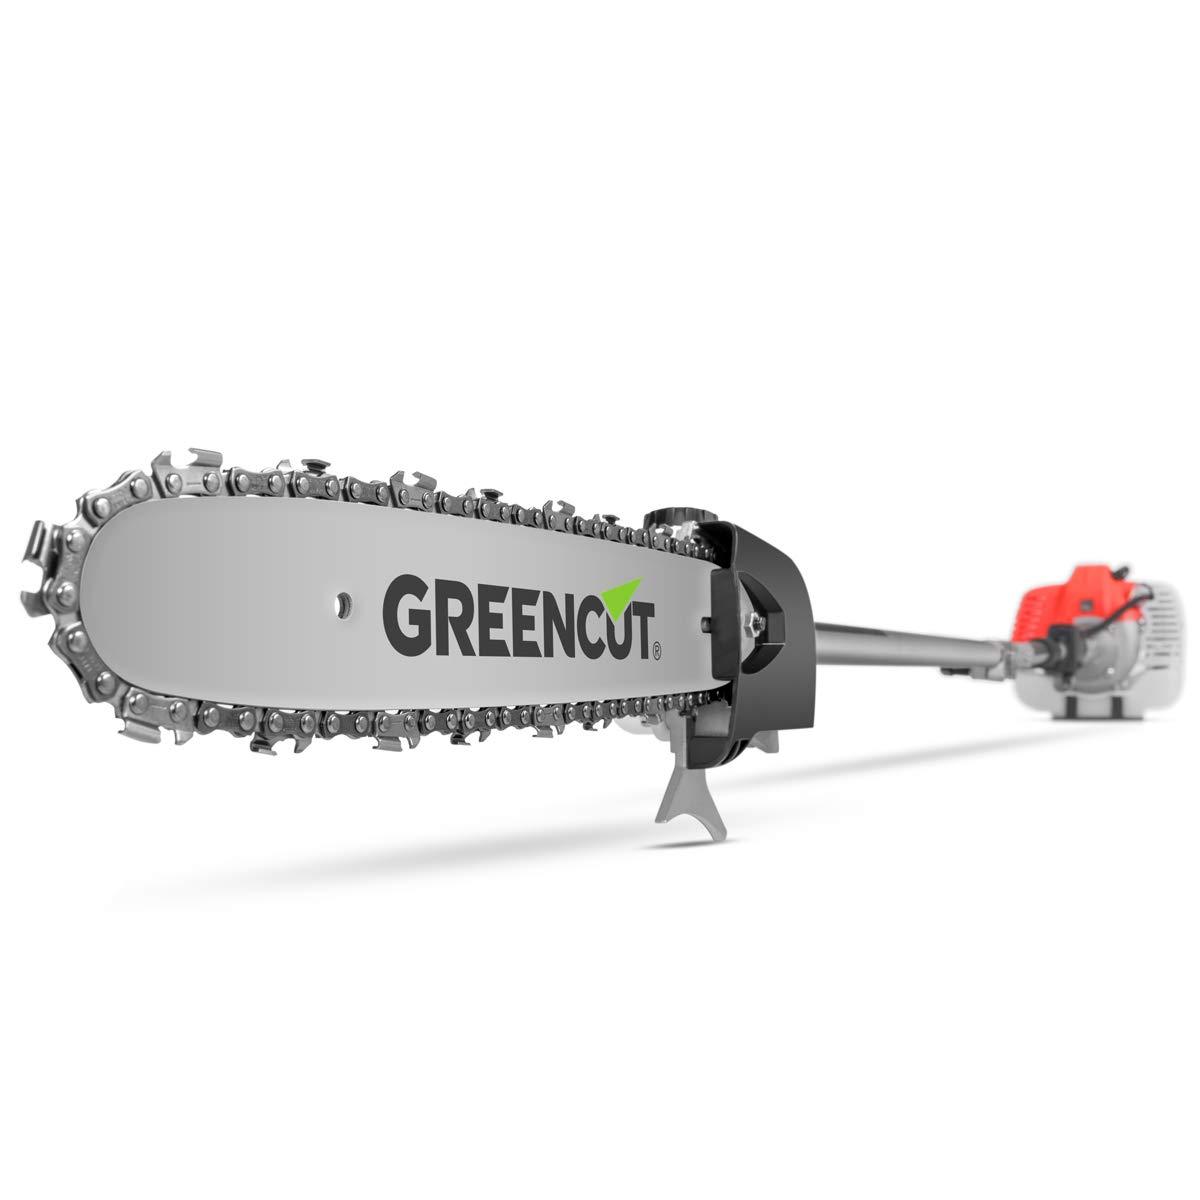 Greencut PP650X - Podadora de altura con motor gasolina de 2 tiempos de 56cc y 4,9cv, altura máxima de 5m con las 3 barras extensibles